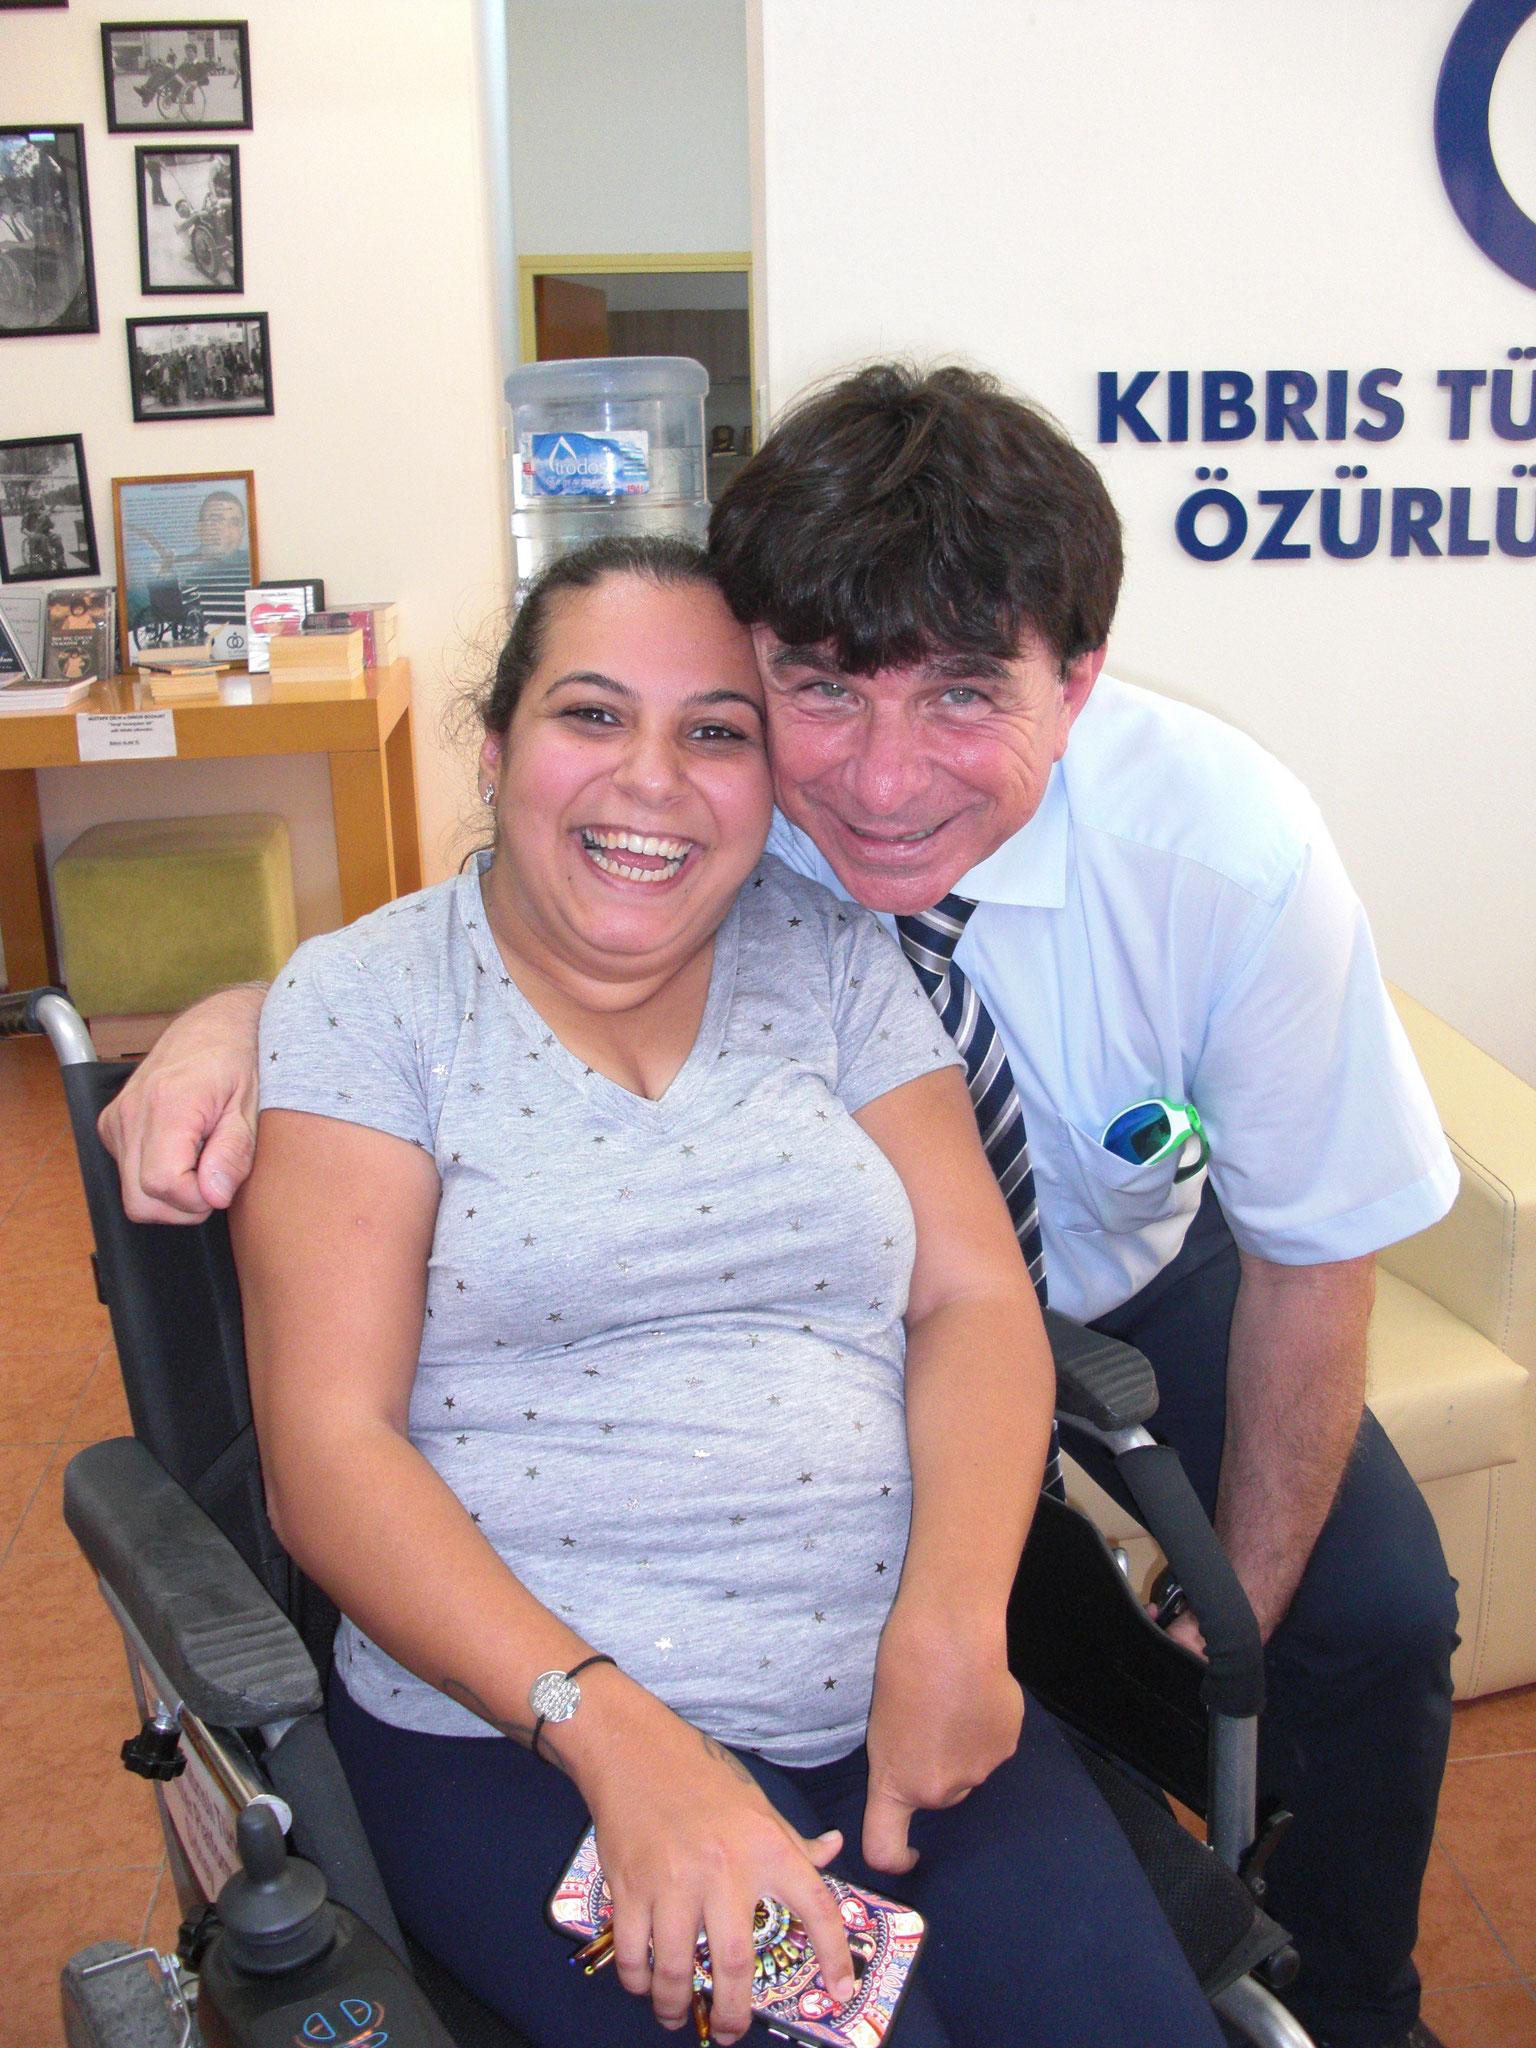 Turgay Hilmi in dem von ihm gegründeten Heim für behinderte Menschen